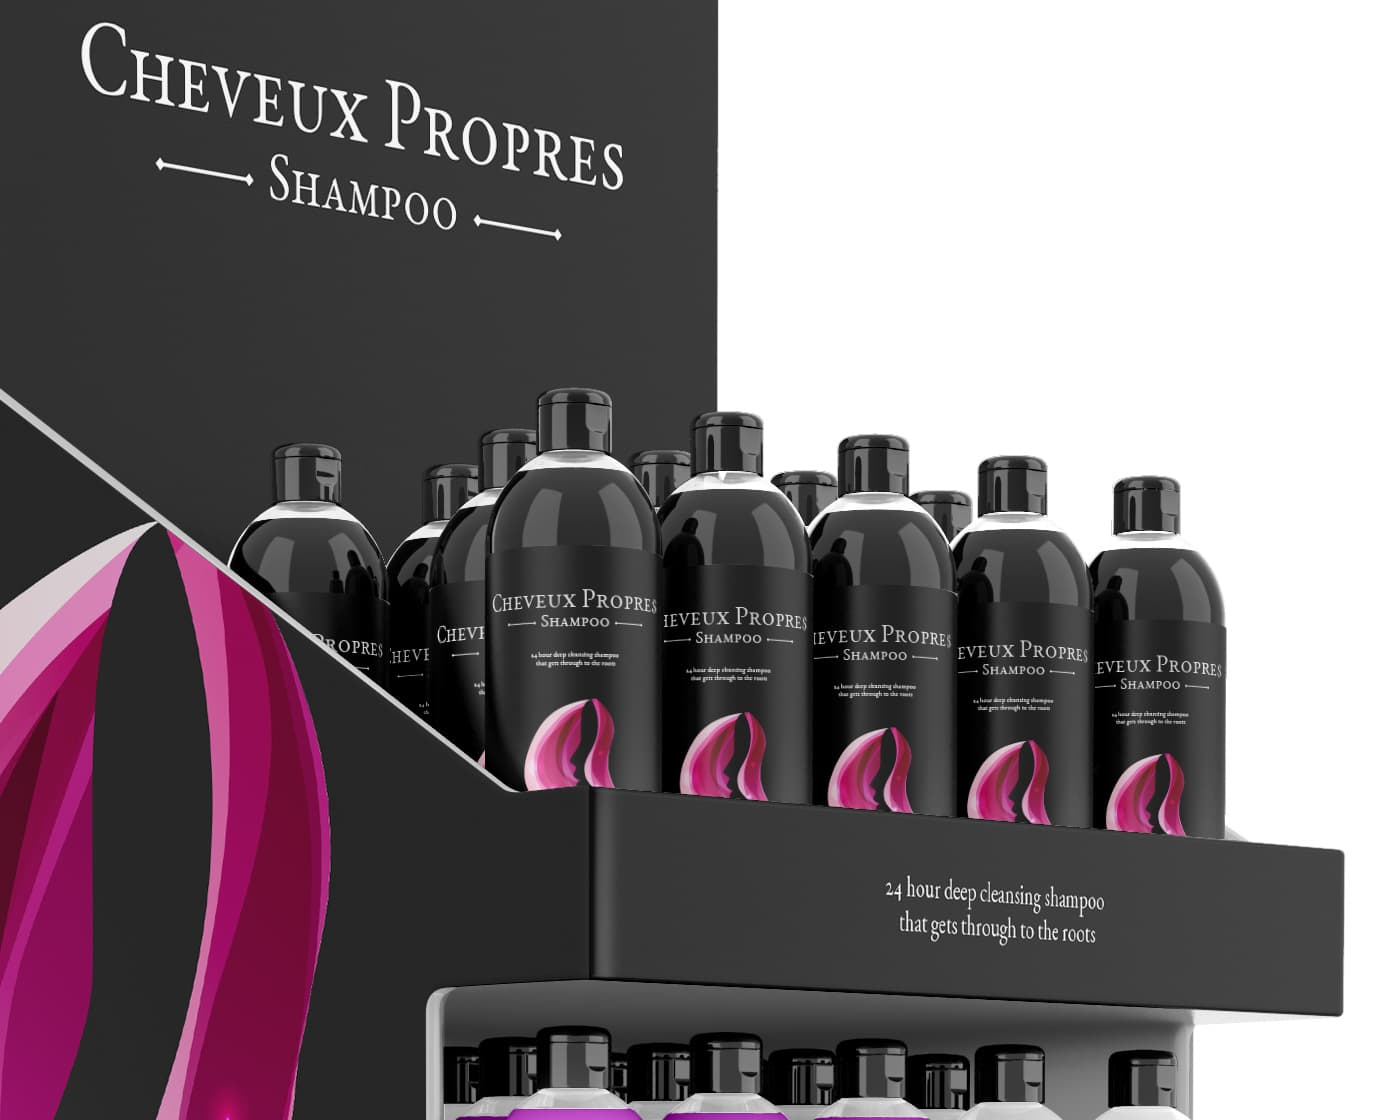 fsdu-shampoo-close-up-2